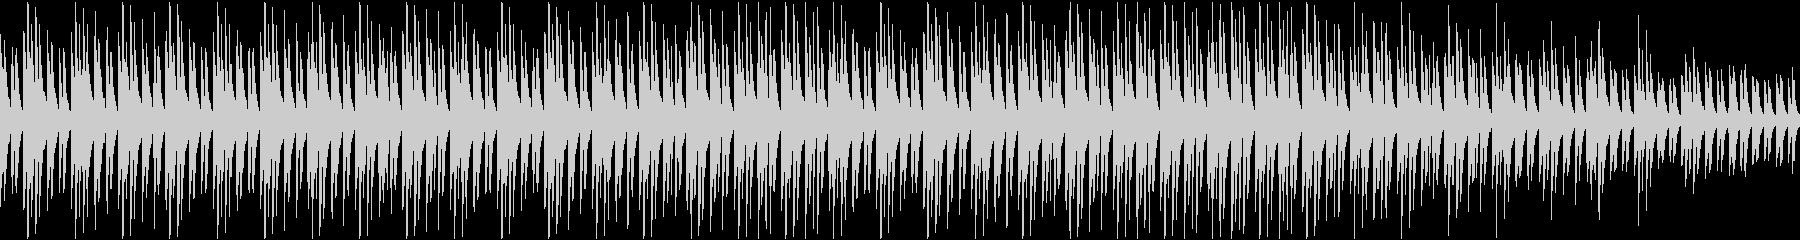 サティ風 ピアノのループ曲 ヒーリングの未再生の波形